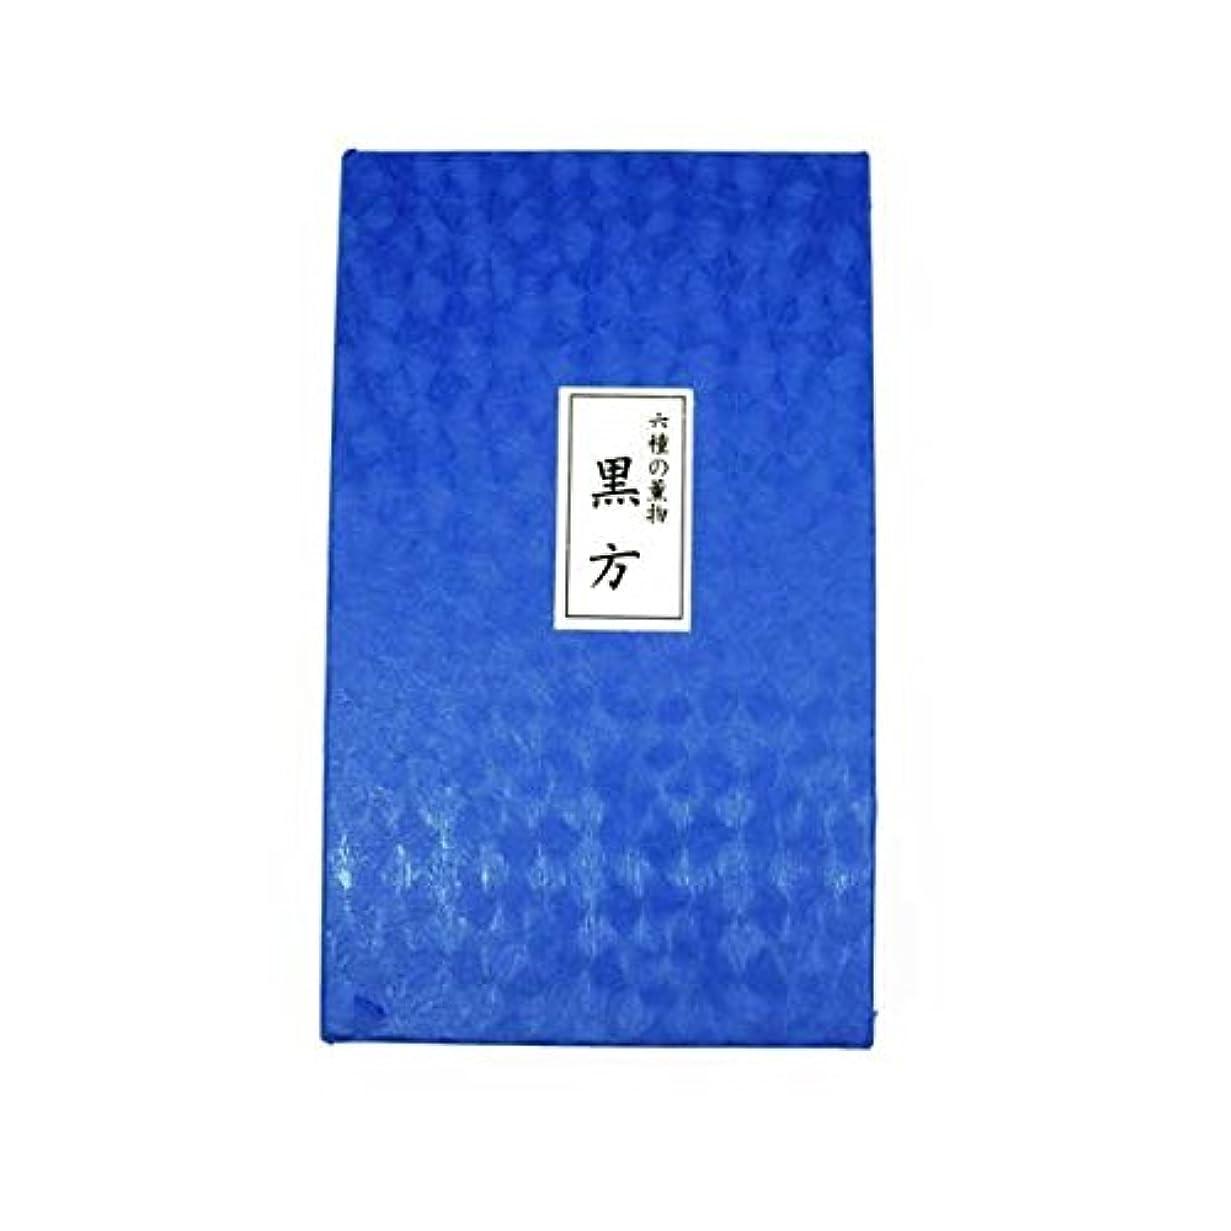 むしろ開梱刺繍六種の薫物 黒方 貝入畳紙包 紙箱入